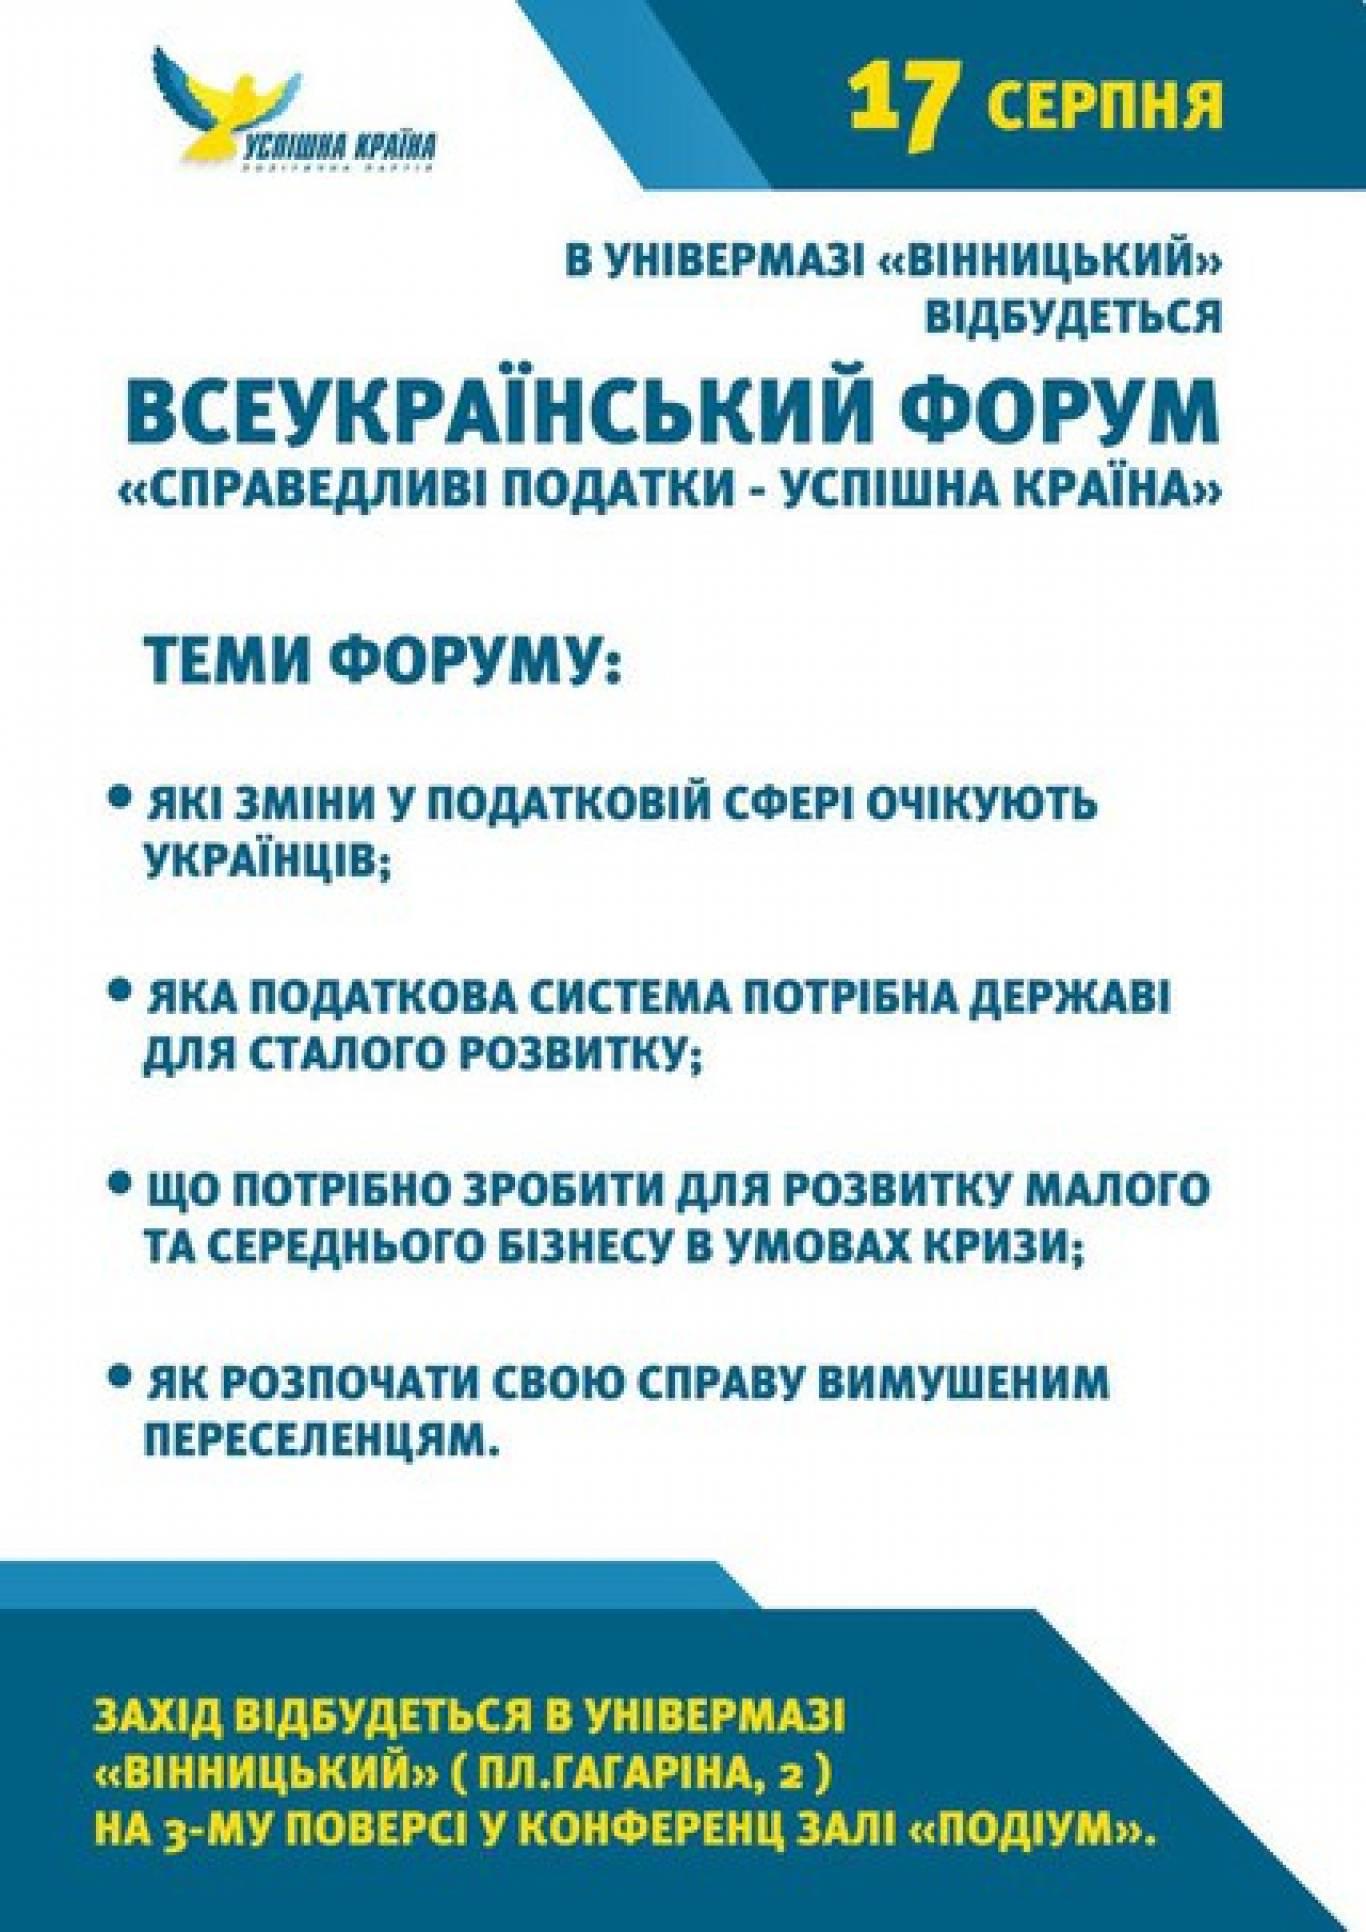 """Всеукраїнський форум """"Справедливі податки - успішна країна"""""""